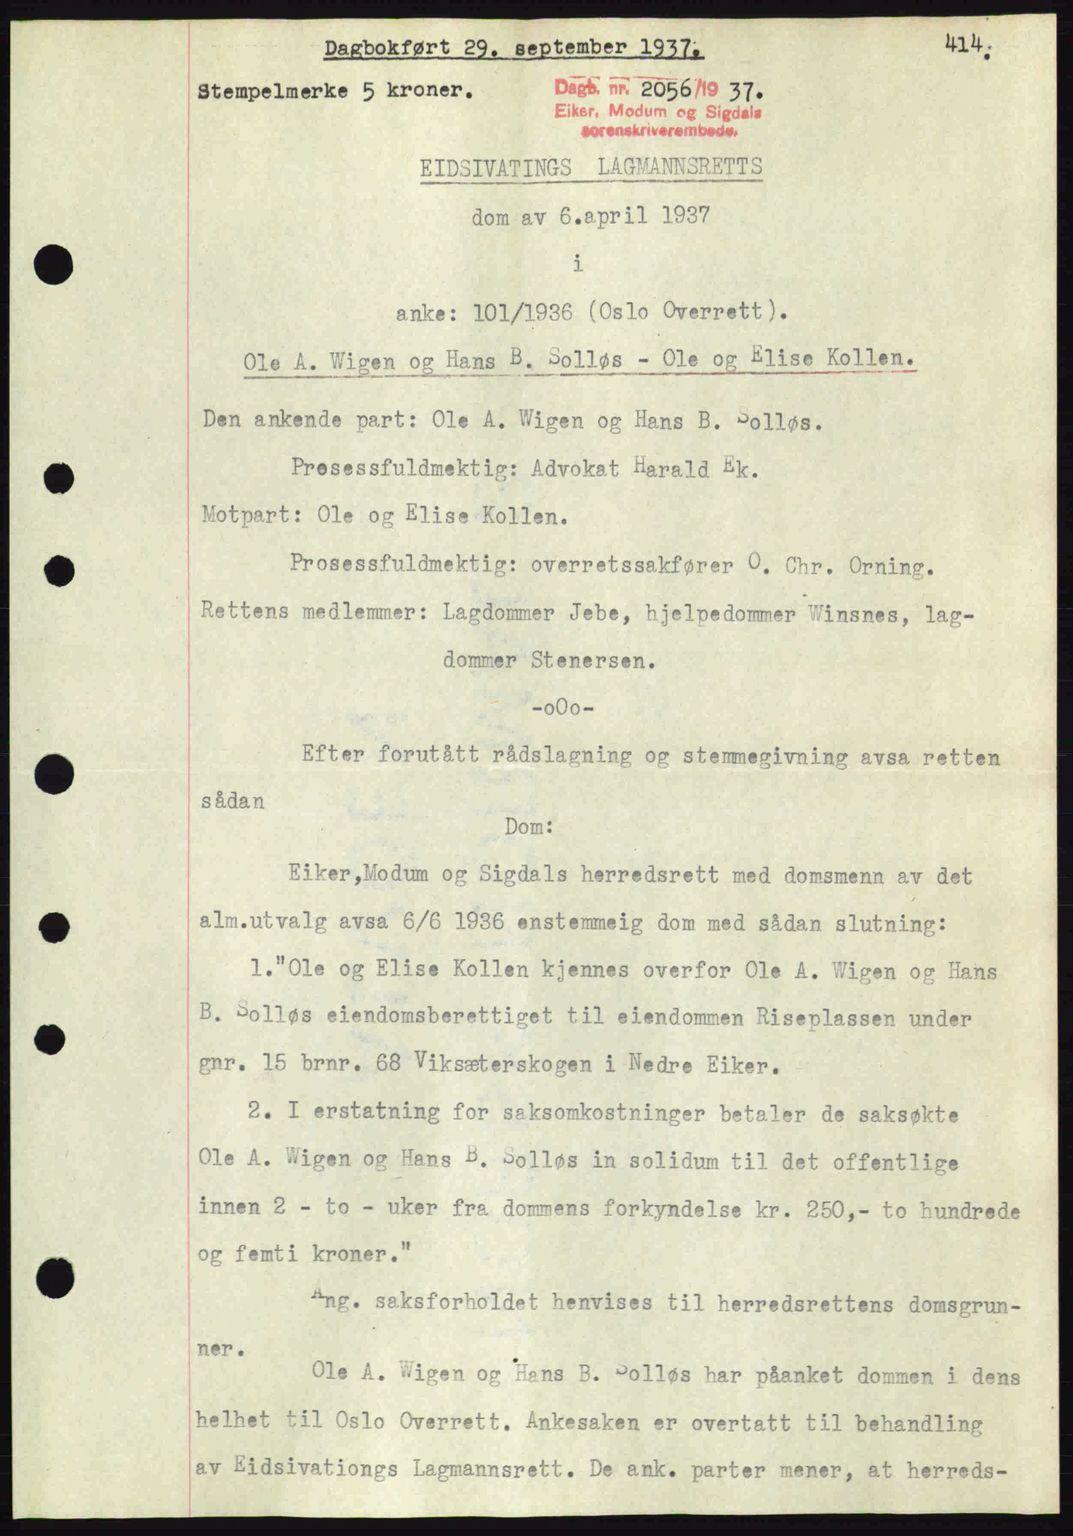 SAKO, Eiker, Modum og Sigdal sorenskriveri, G/Ga/Gab/L0036: Pantebok nr. A6, 1937-1937, Dagboknr: 2056/1937